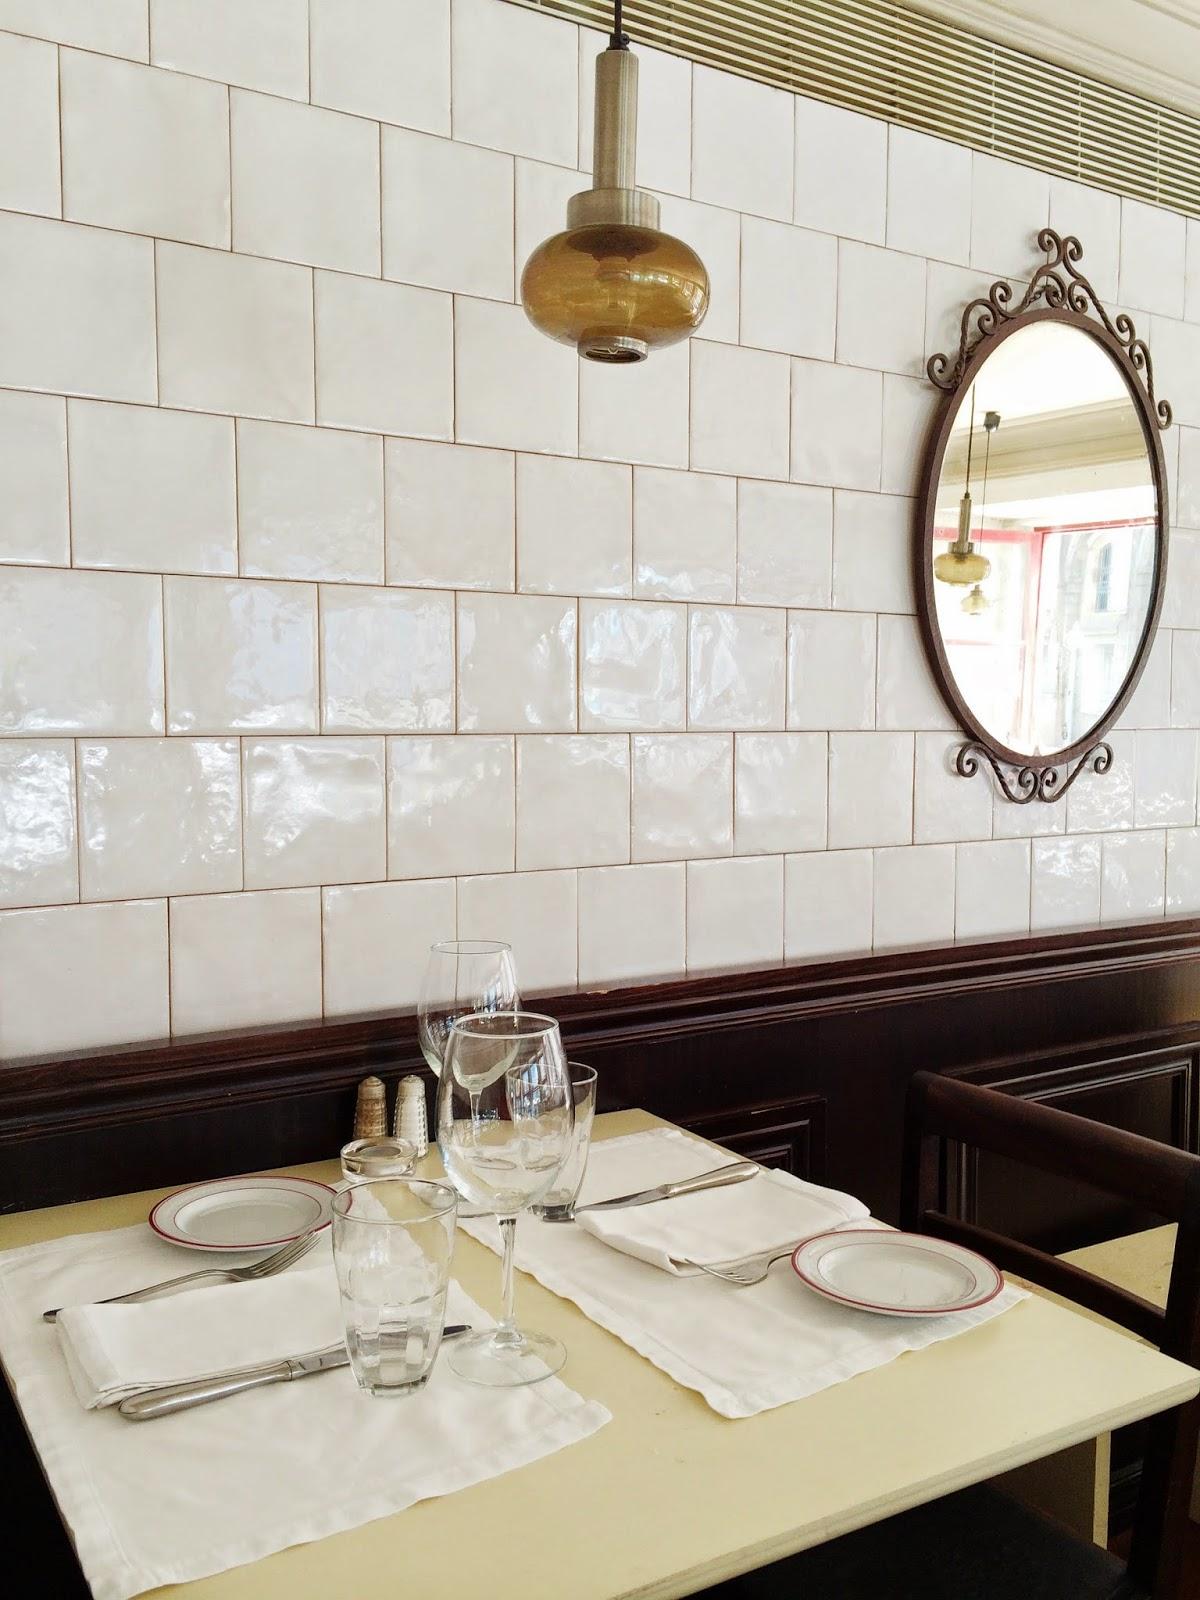 Imaculado branco, uma caracteristica do design escandinavo.